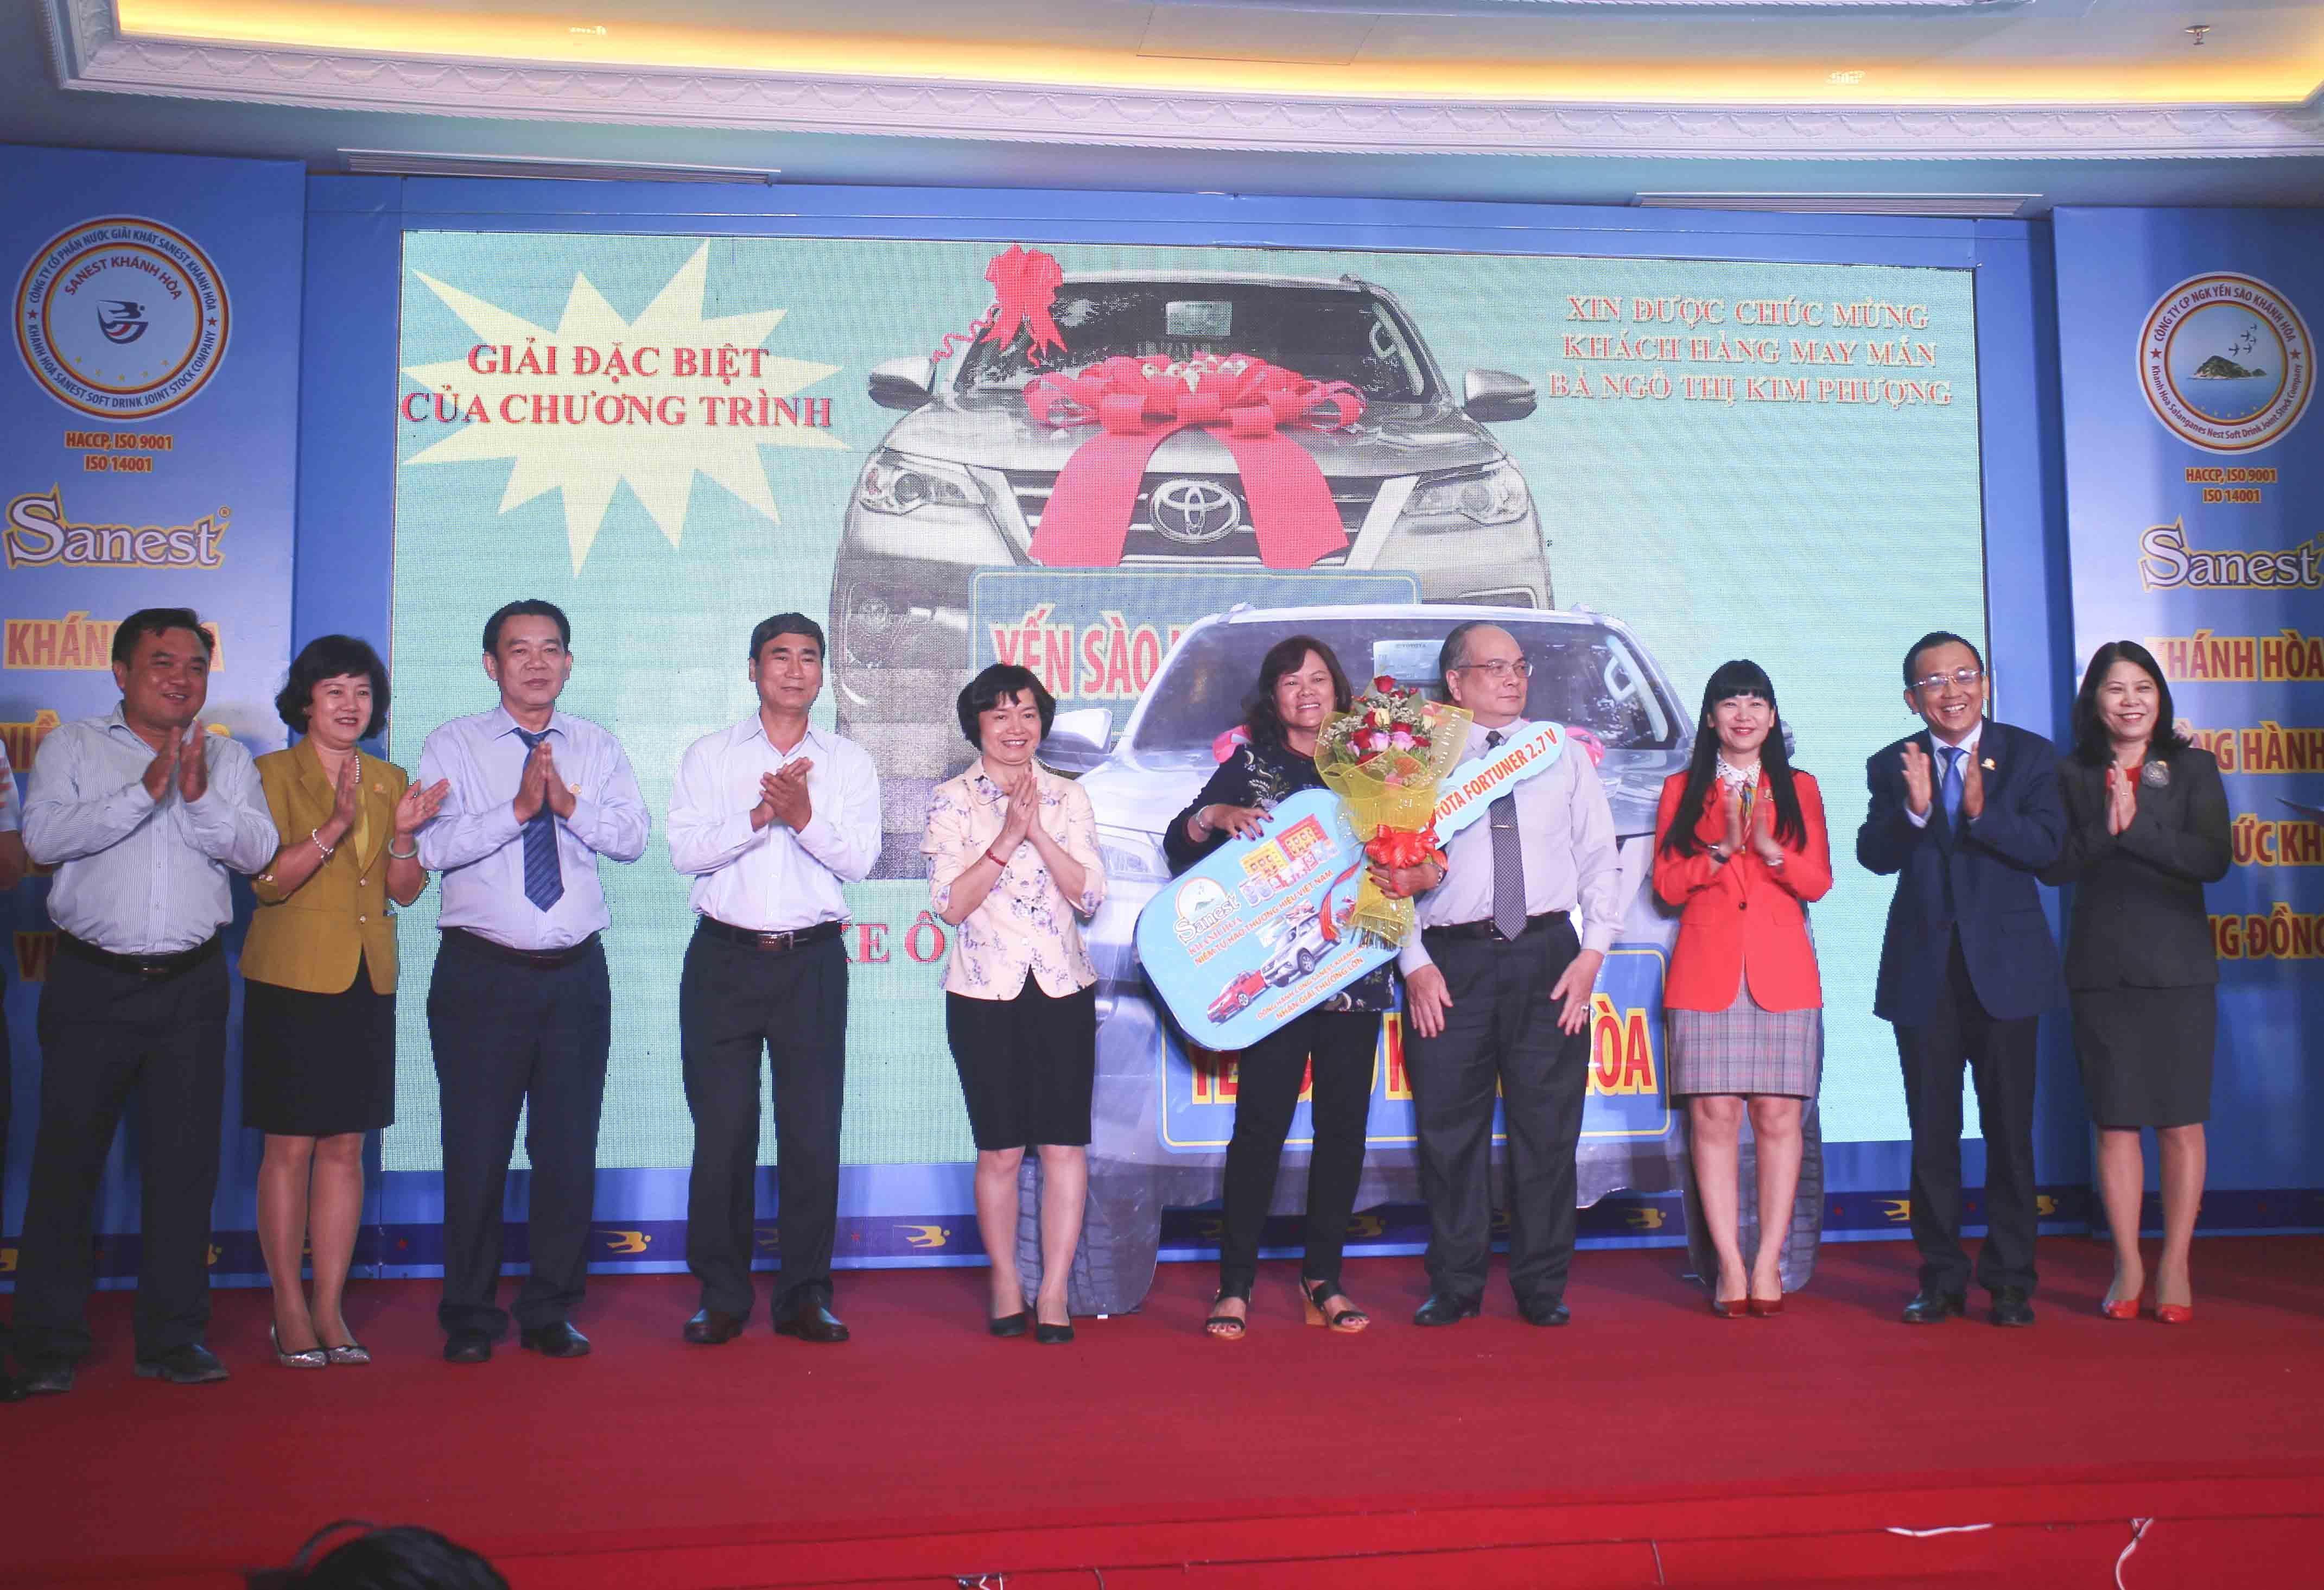 Yến sào Khánh Hòa trao giải ô tô Fortuner cho khách hàng tại TP. Nha Trang